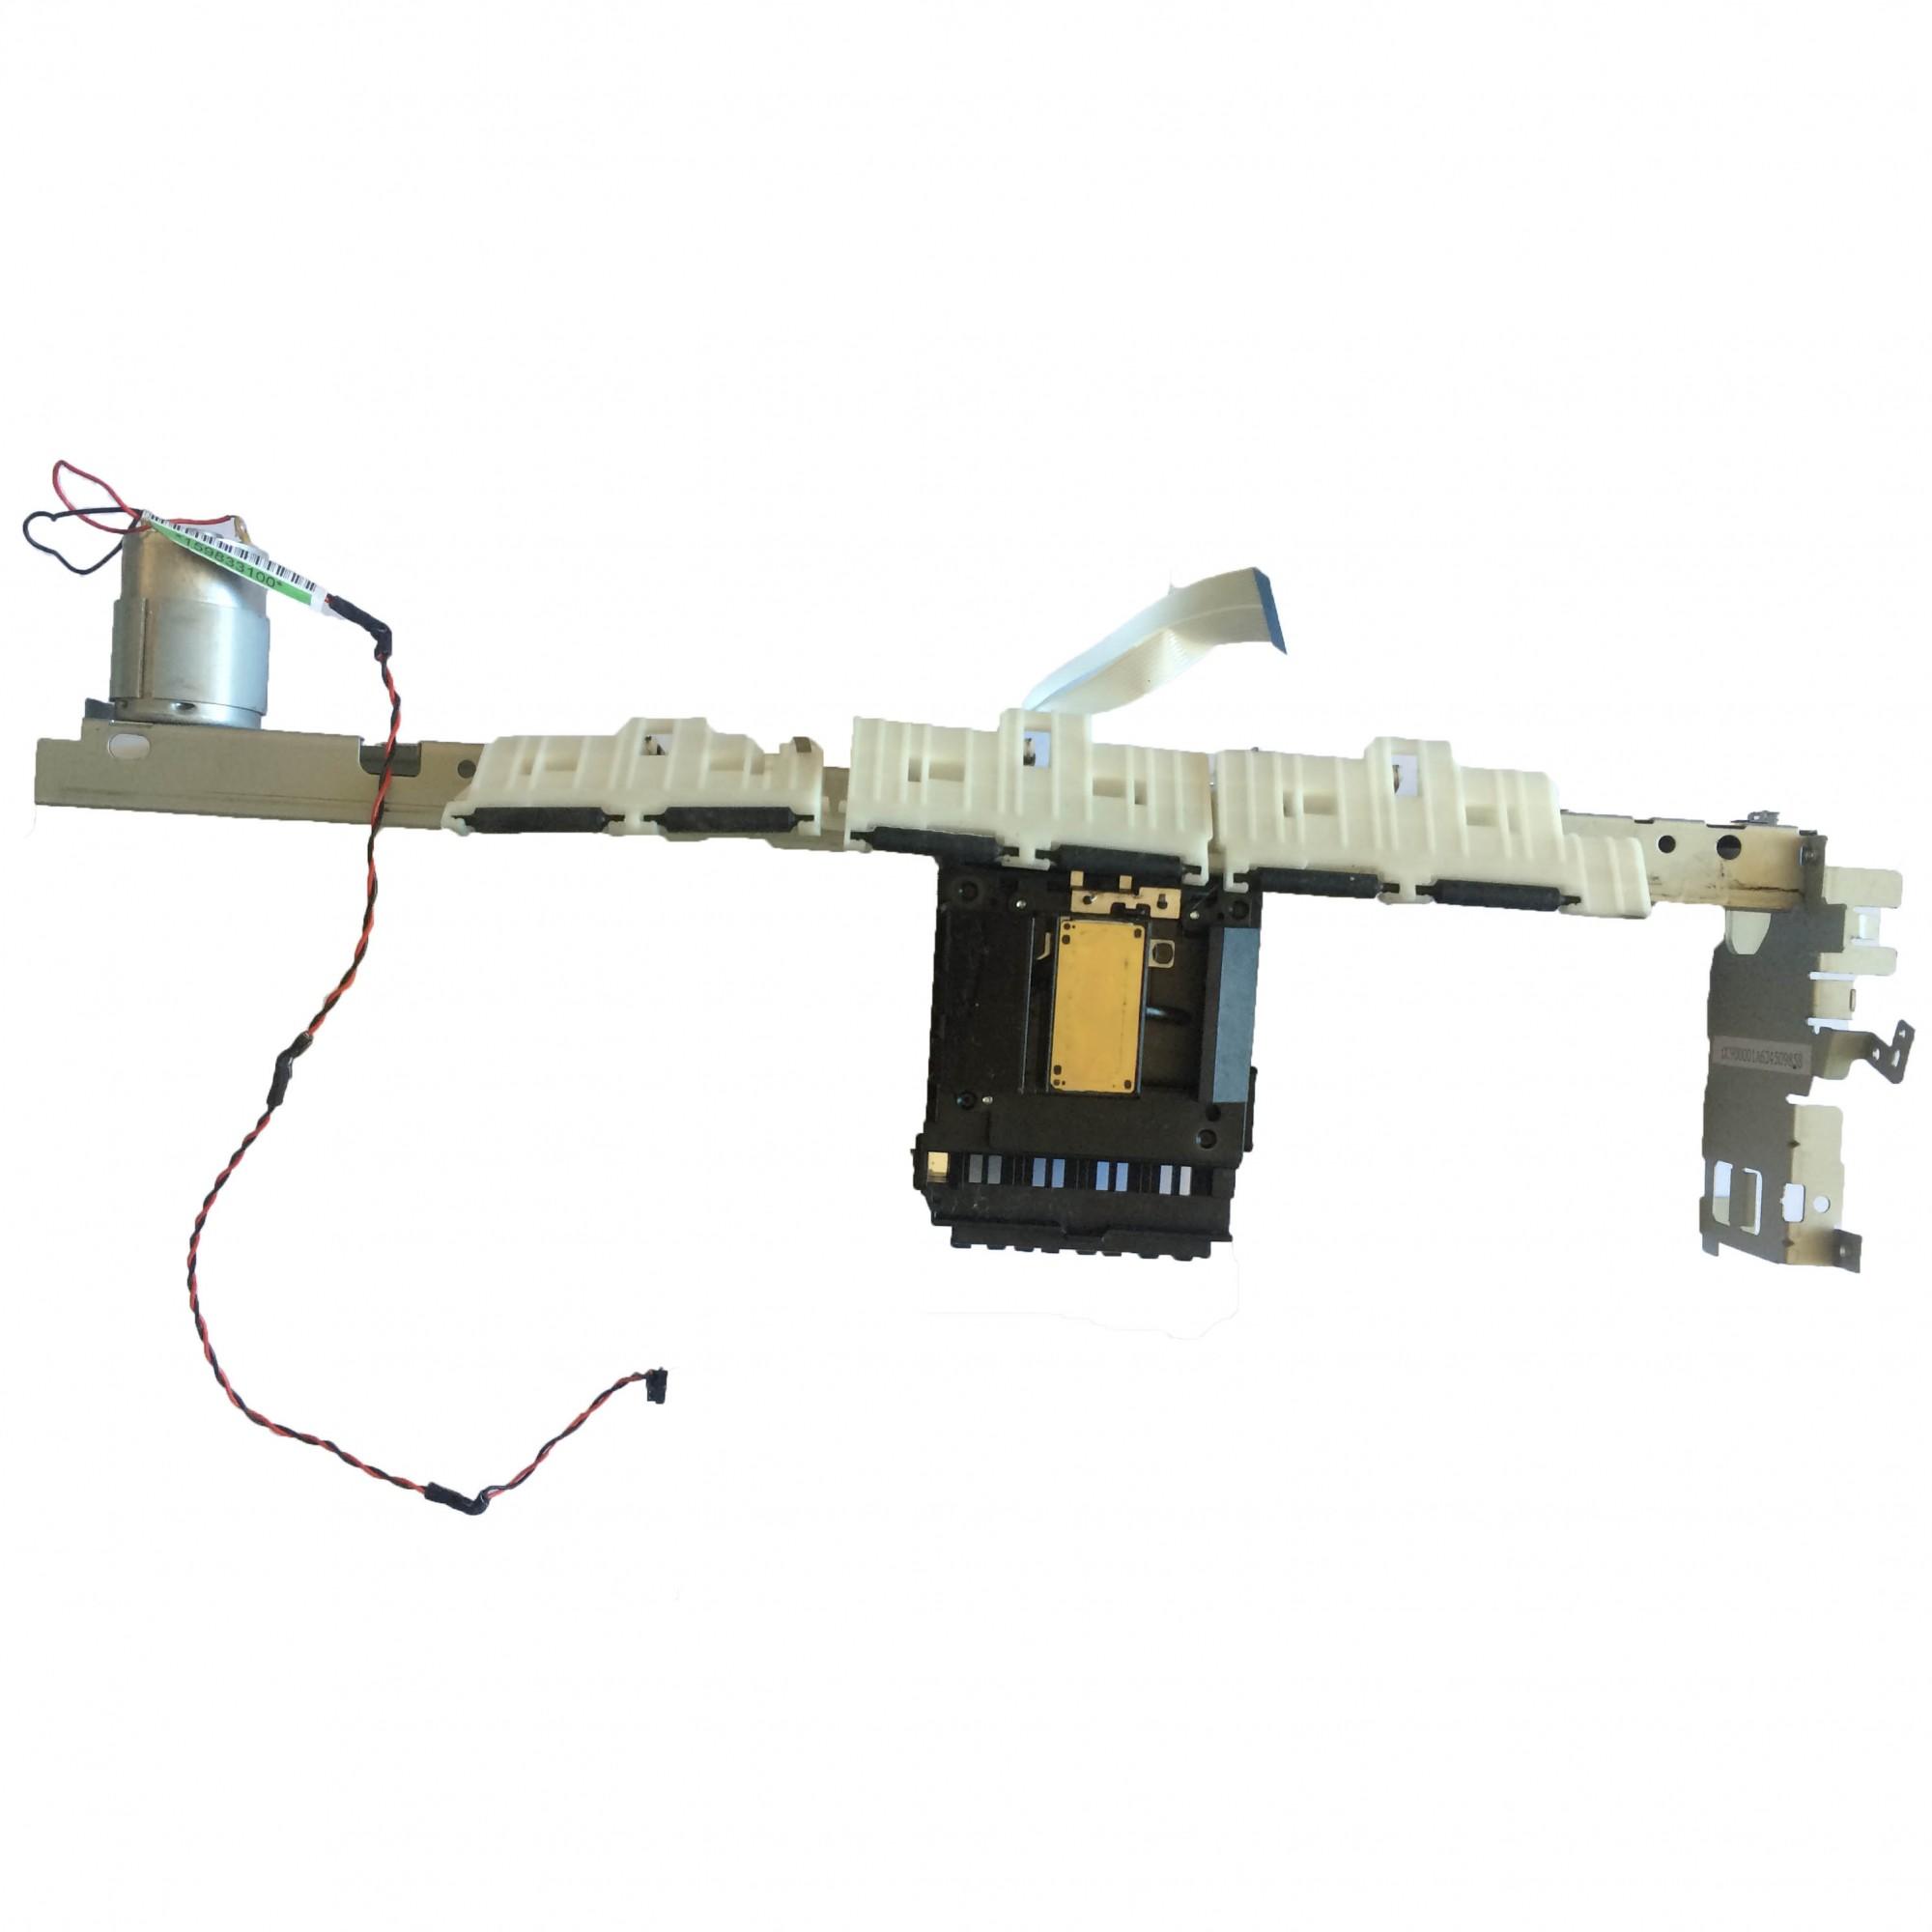 Carro de Impressão + Mecanismo e Cabo Flat Multifuncional Epson XP-214 - Retirado